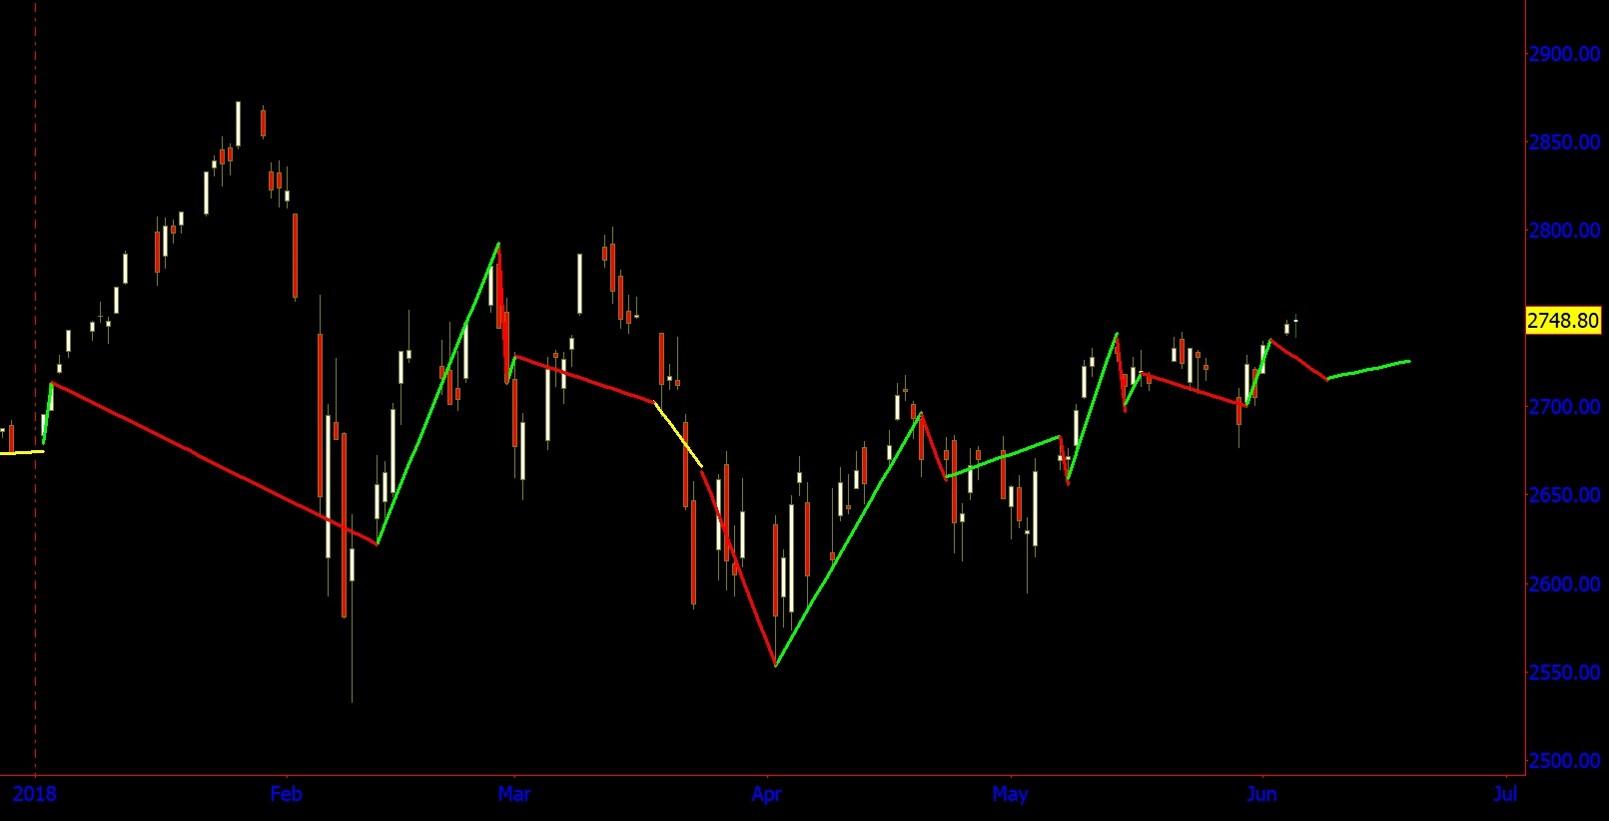 January - June 2018 $SPX